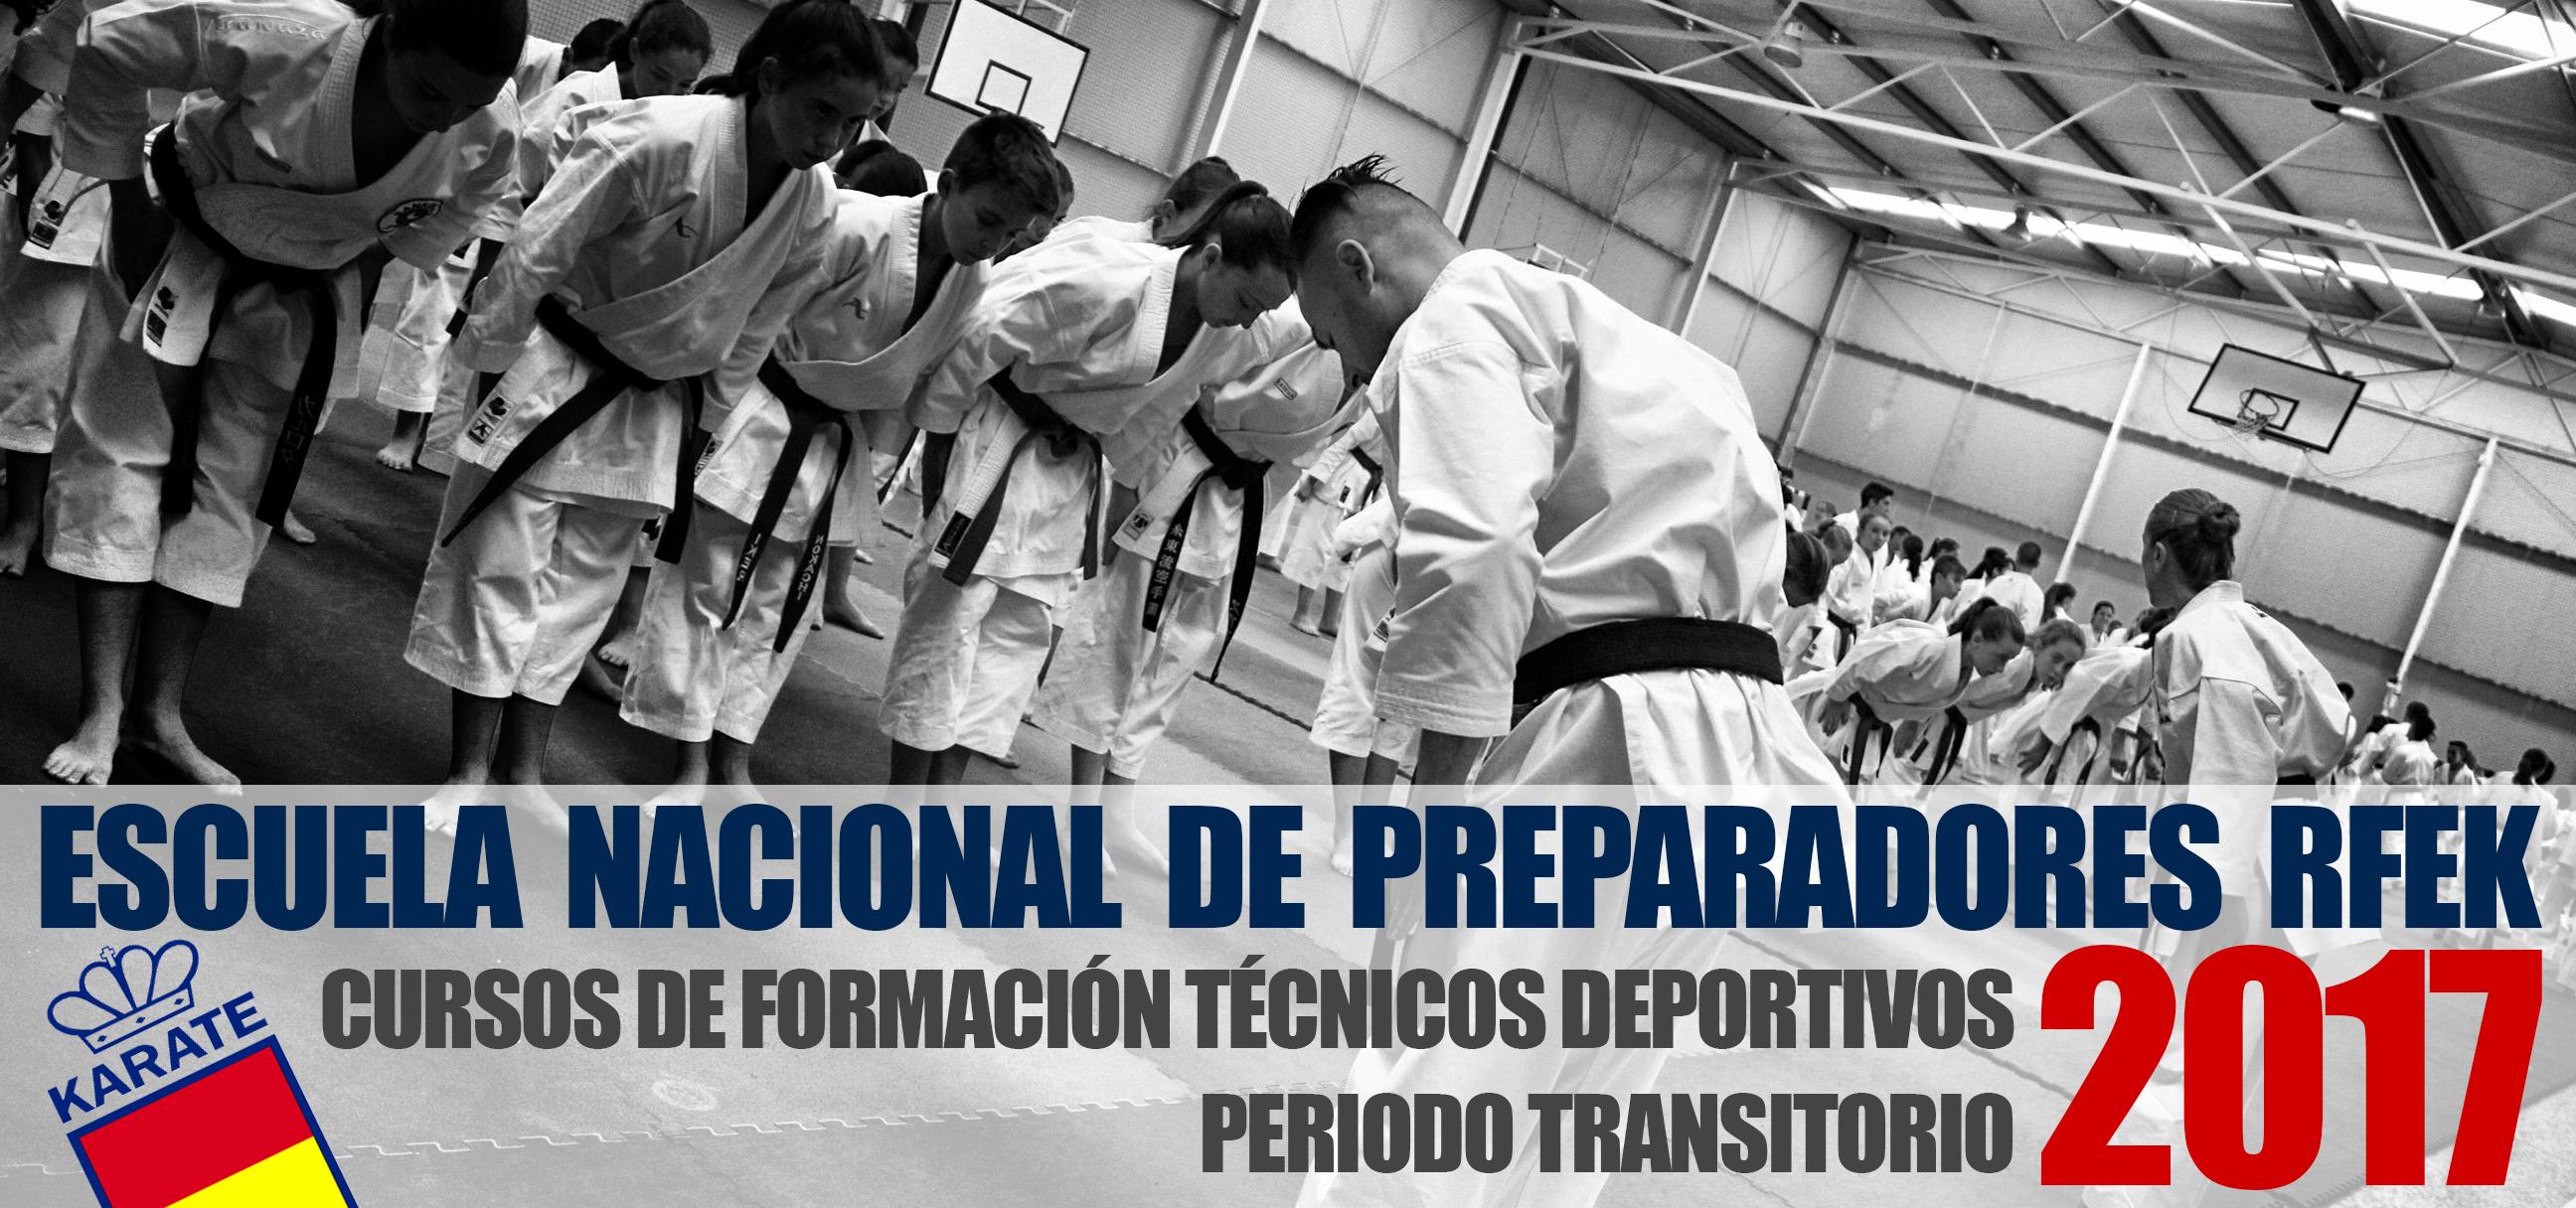 Cursos de Técnico Deportivo Nivel II y III